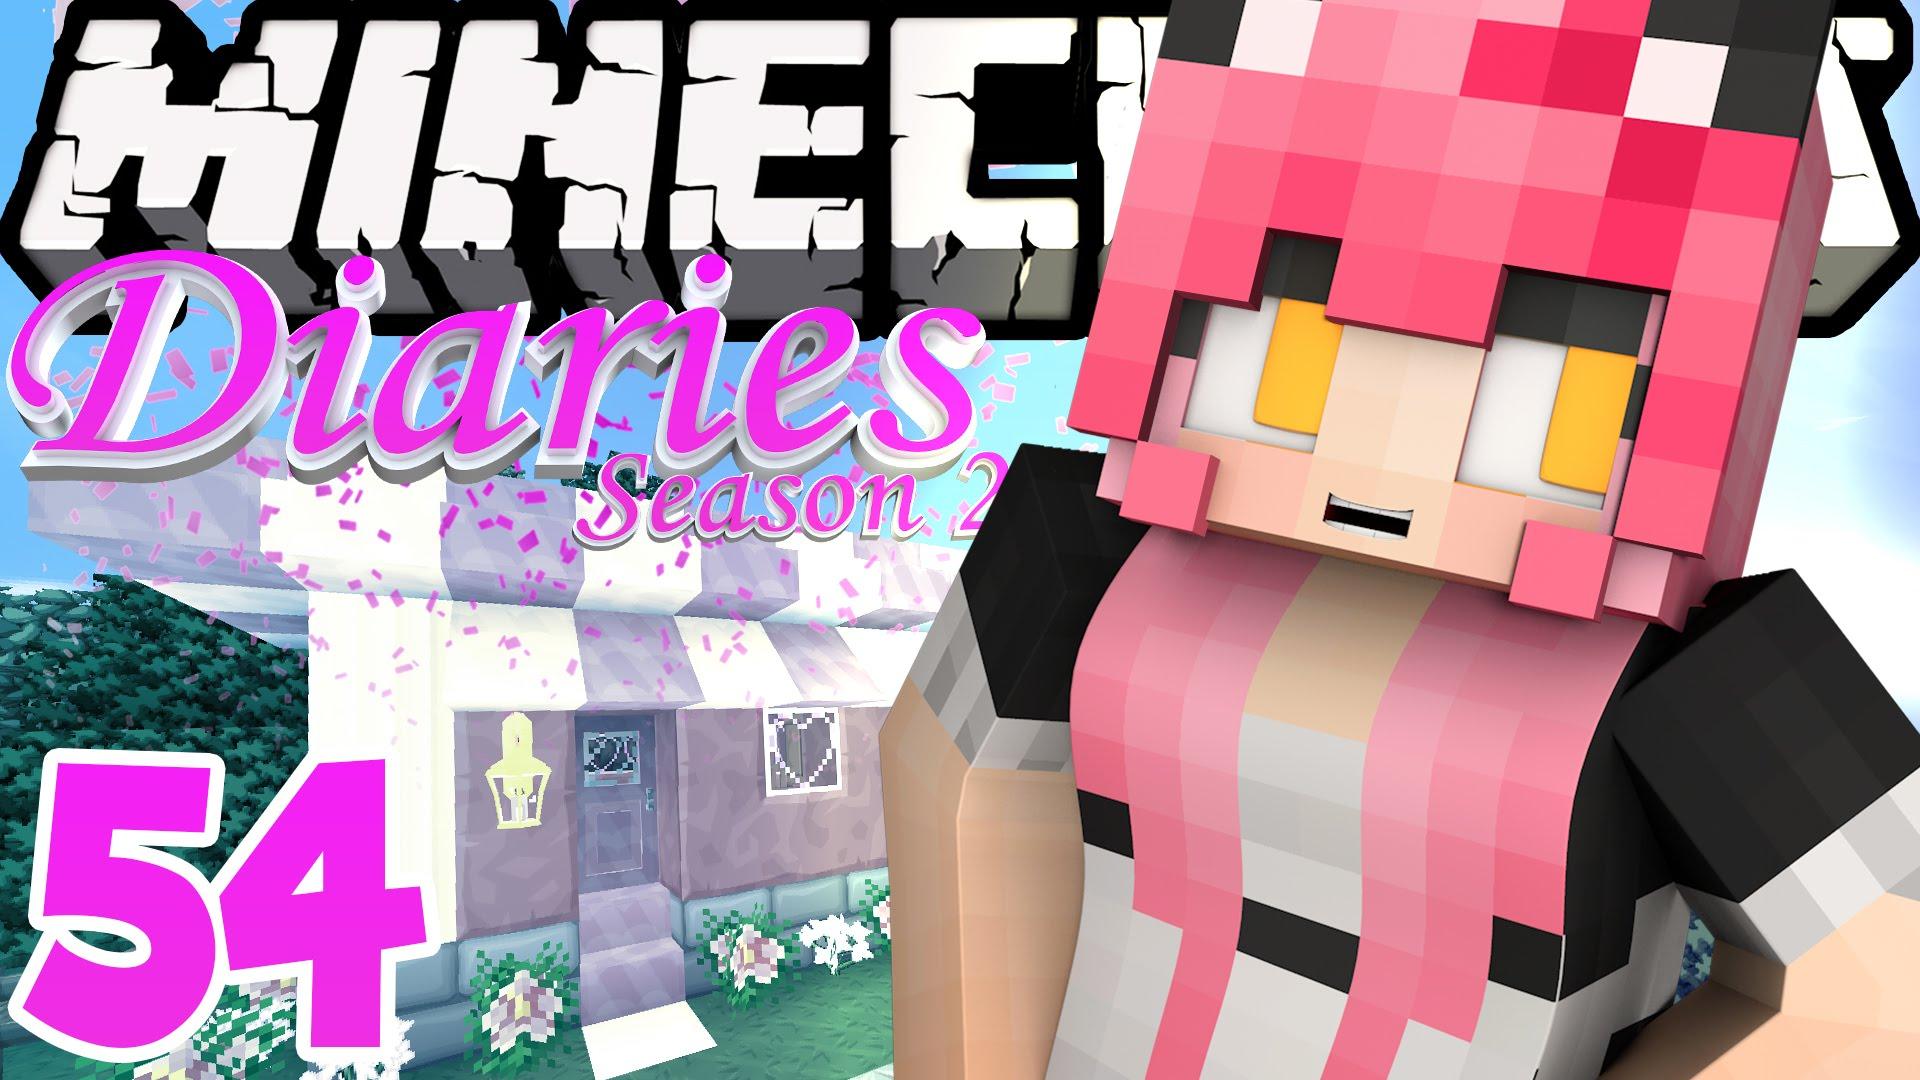 Best Wallpaper Minecraft Aaron - latest?cb\u003d20150930192702  Pic_624334.jpg/revision/latest?cb\u003d20150930192702